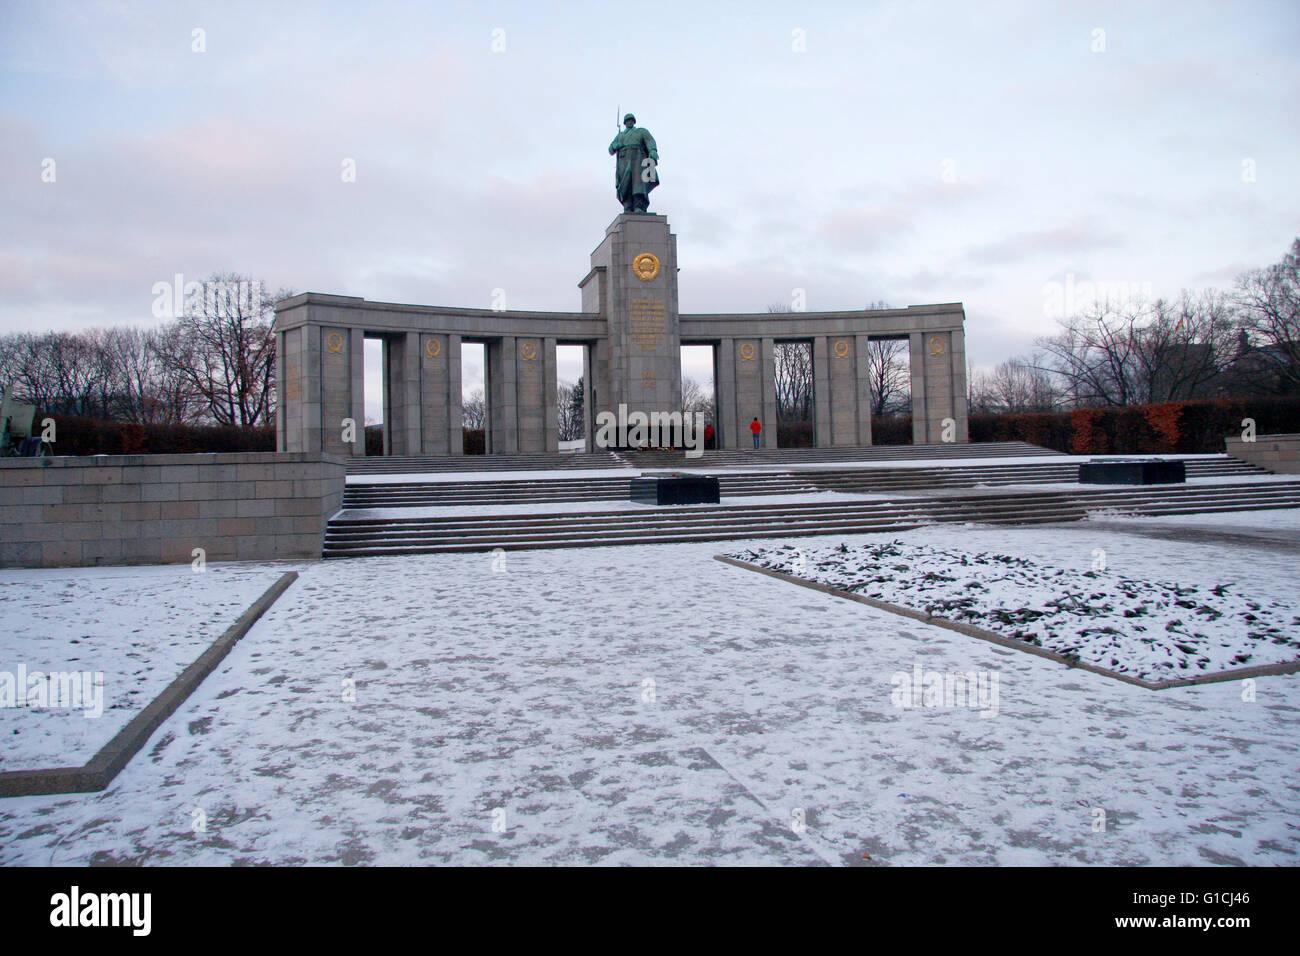 Sowjetisches Spuren, Straße des 17. Juni. Juni, Berlin-Tiergarten. Stockfoto